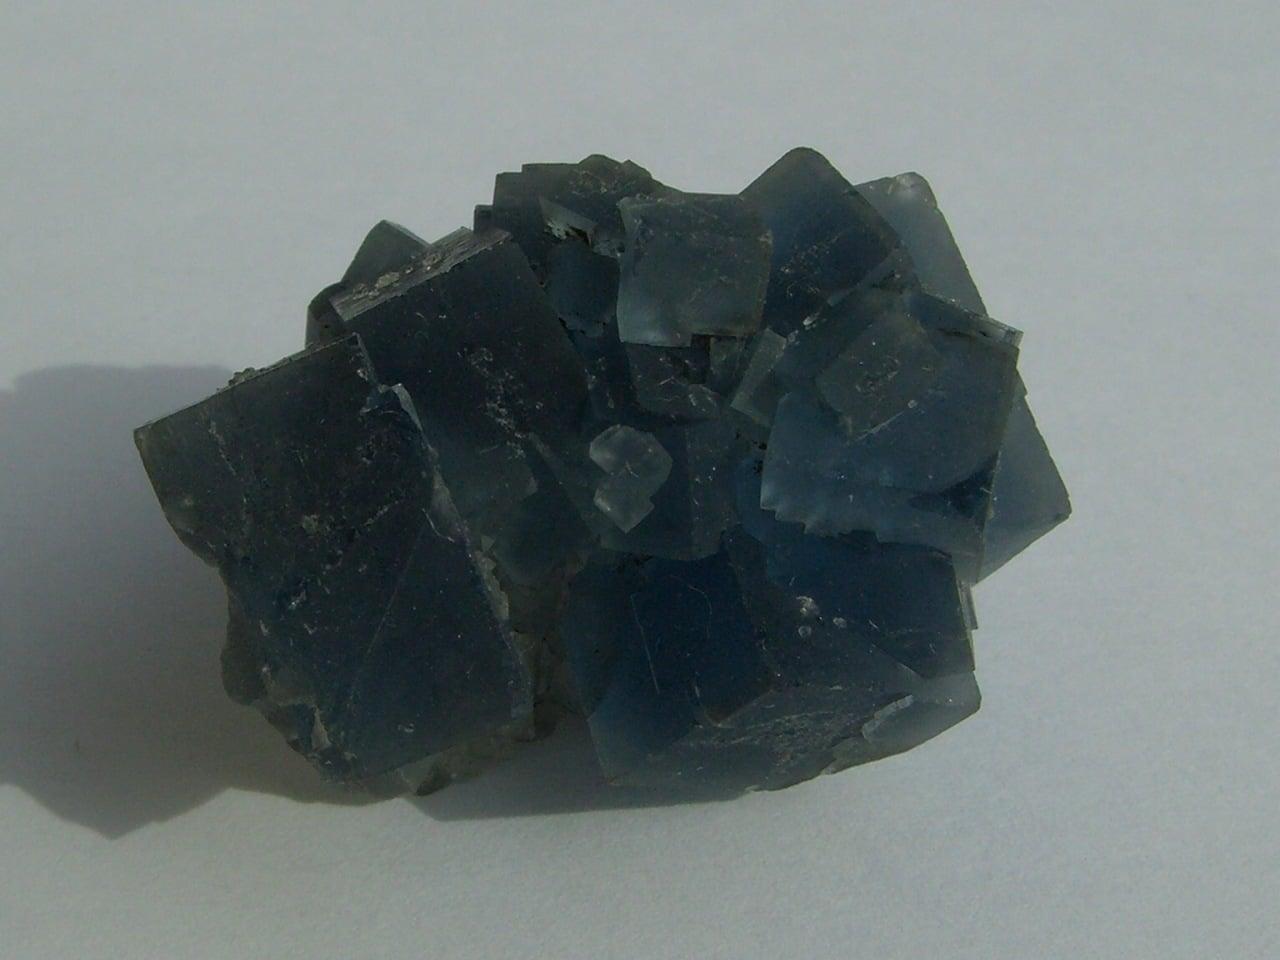 Fluorine bleue de la mine de Montroc (Mont-Roc) dans le Tarn.